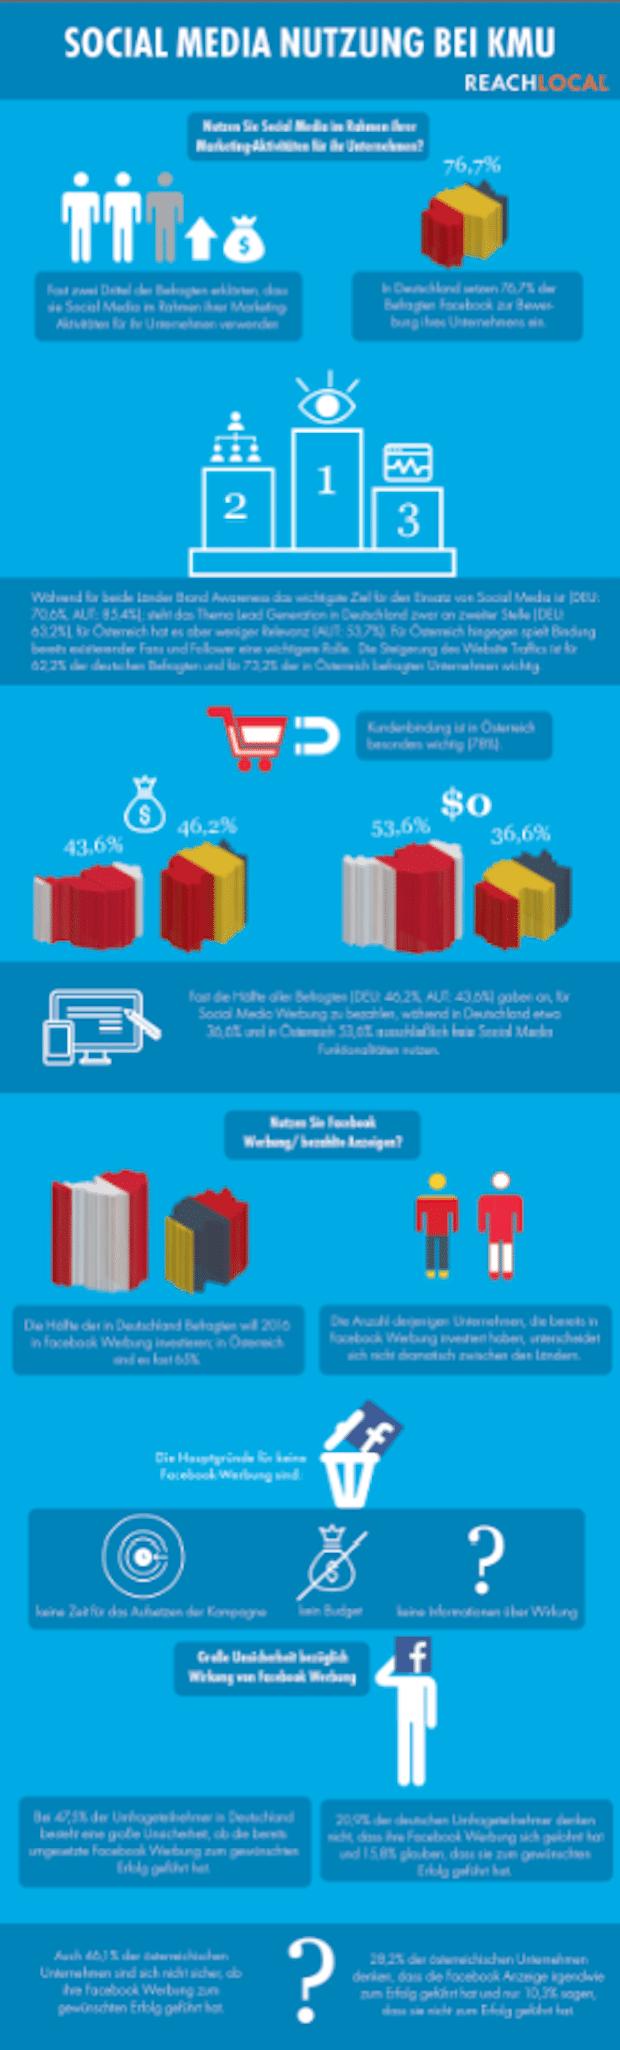 Bild von Facebook Werbung immer wichtiger für KMU: Unternehmen wünschen sich Orientierung und Beratung